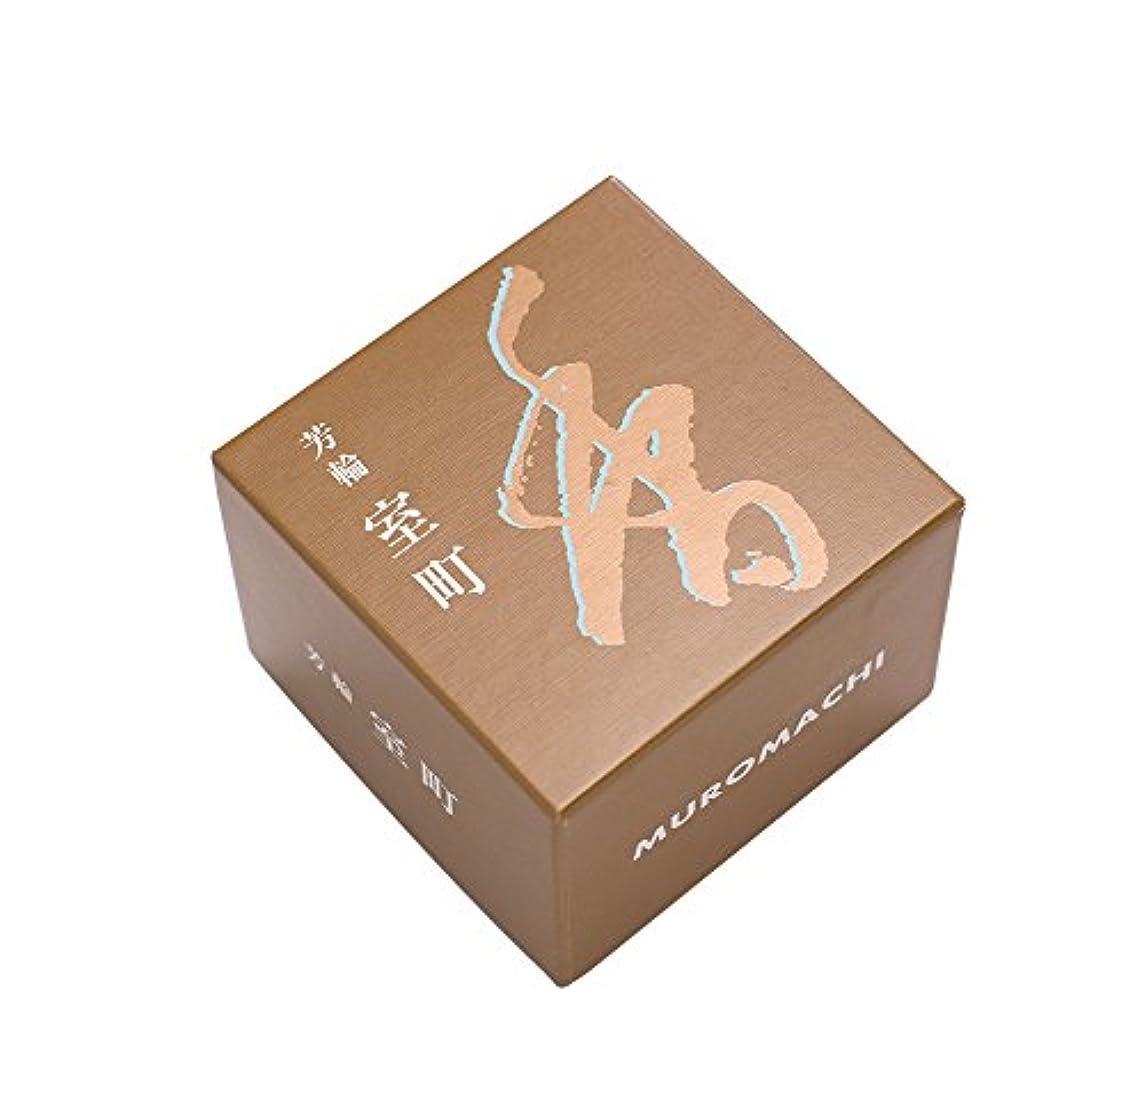 ピストンピンギャップ松栄堂のお香 芳輪室町 渦巻型10枚入 うてな角型付 #210421